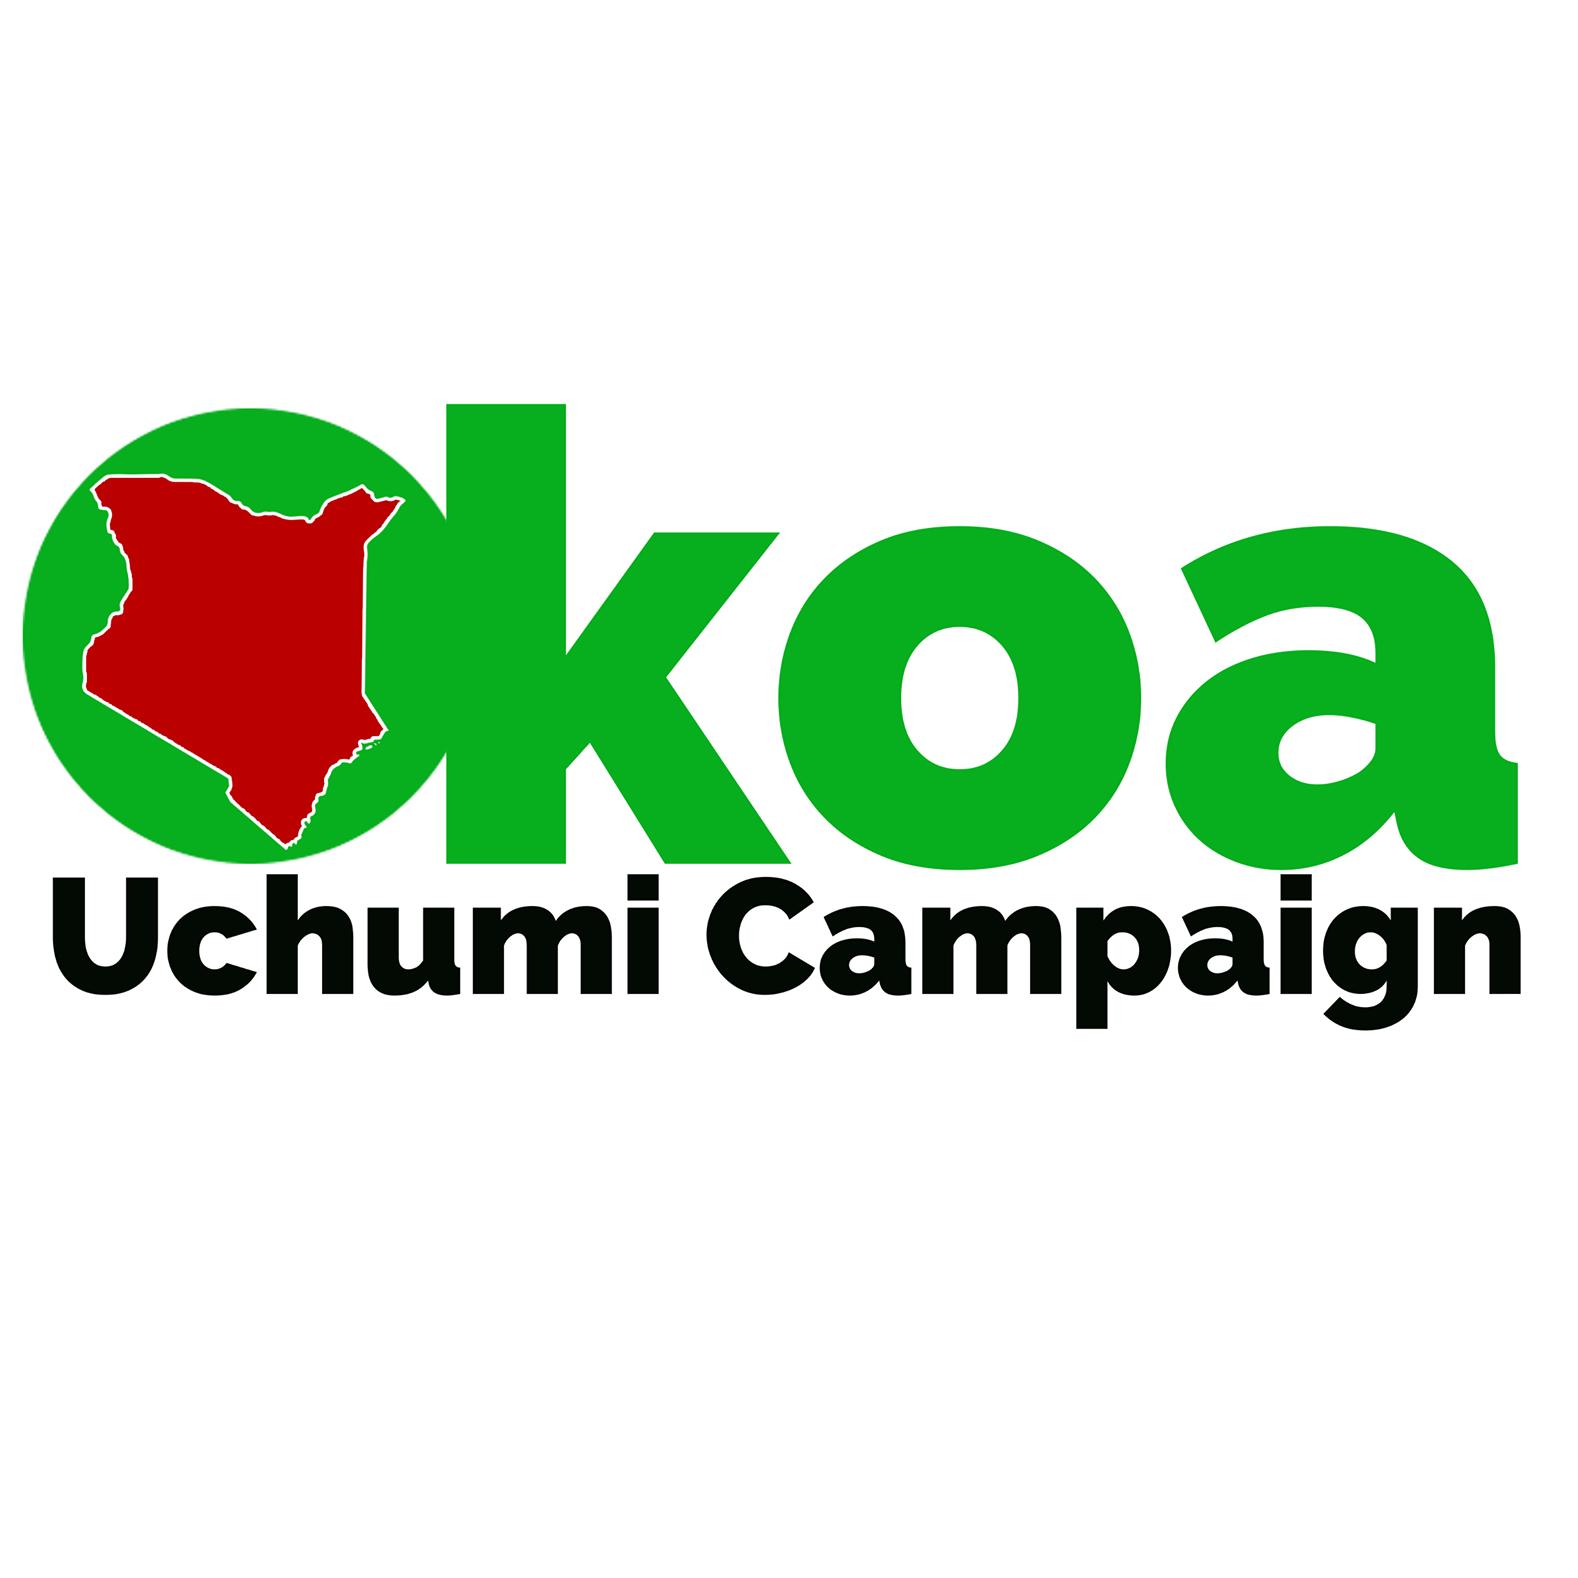 Okoa Uchumi condemns excessive public debt, calls for reform